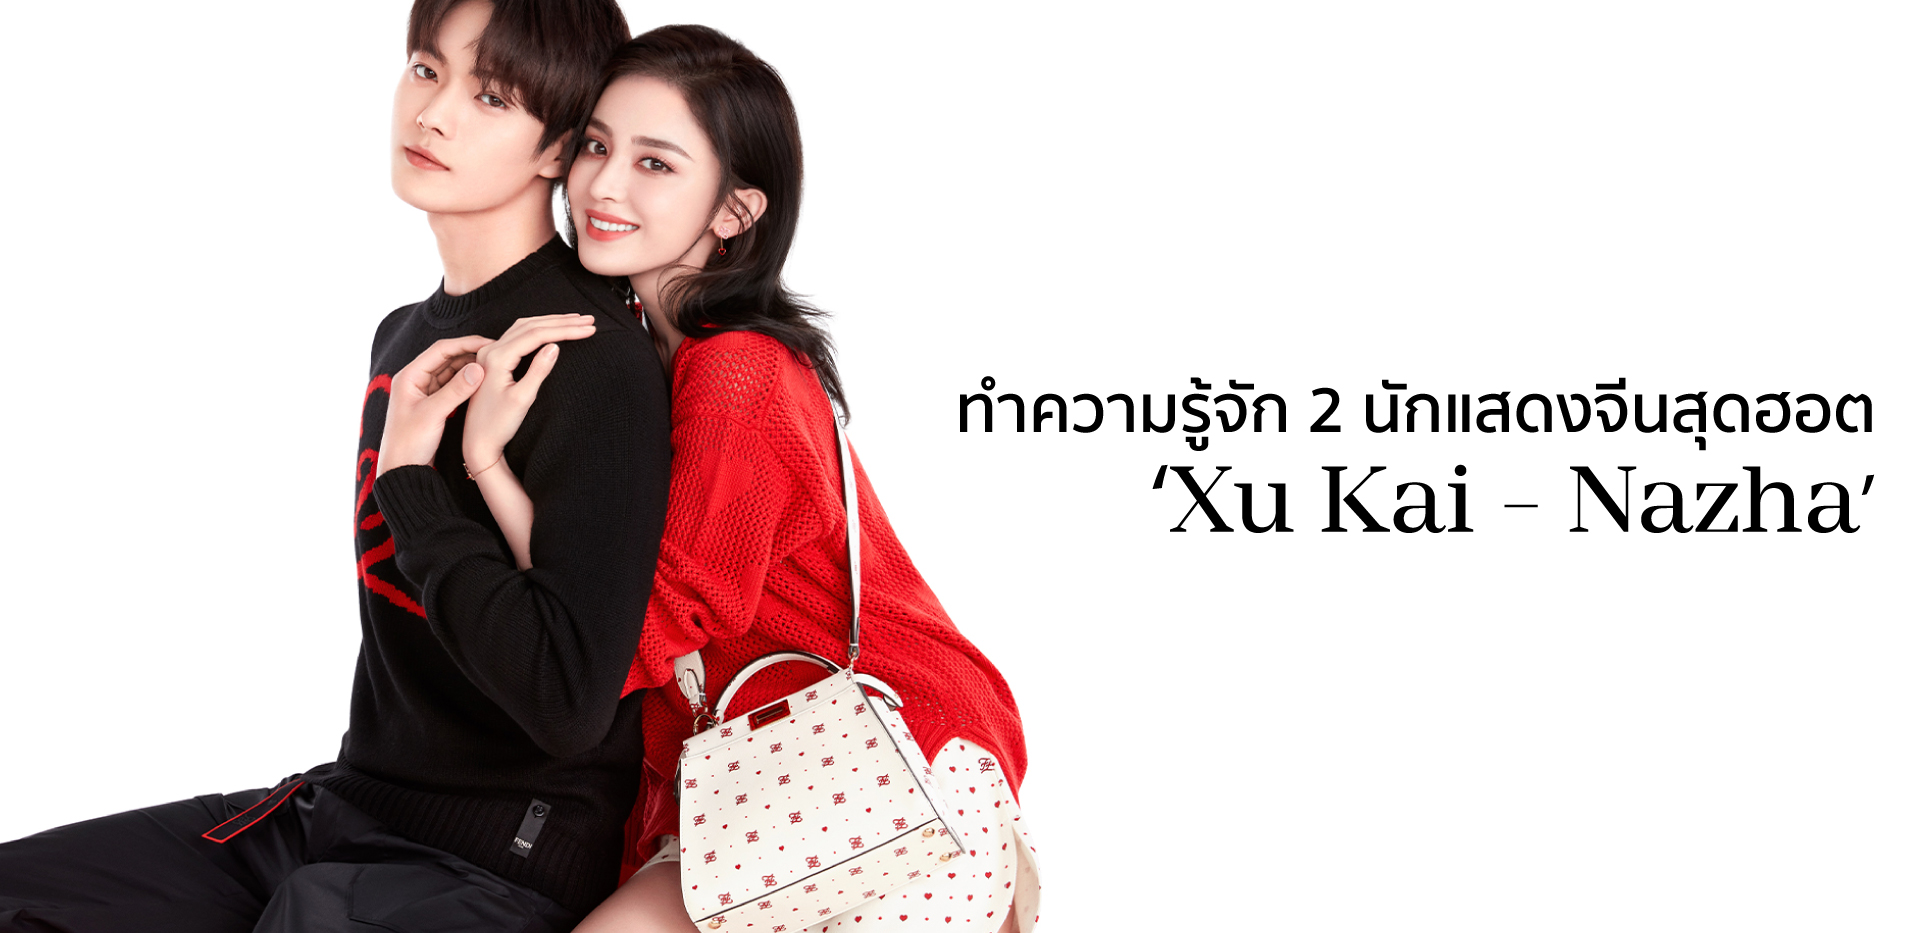 ทำความรู้จัก2นักแสดงจีนสุดฮอต Xu Kai – Nazha